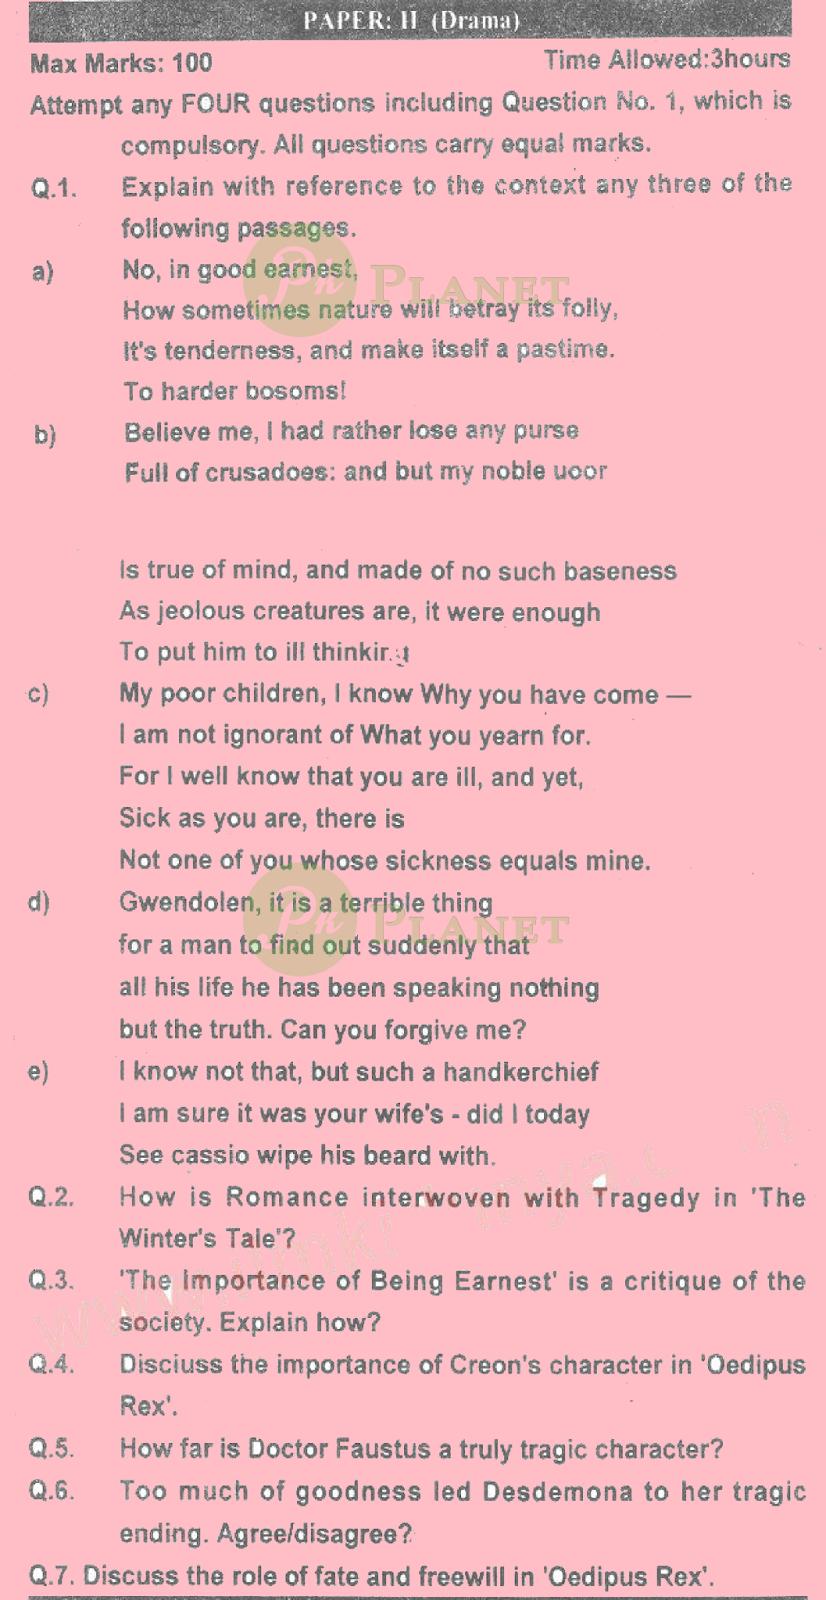 MA English Part 1 Past Papers PU 2013 Drama